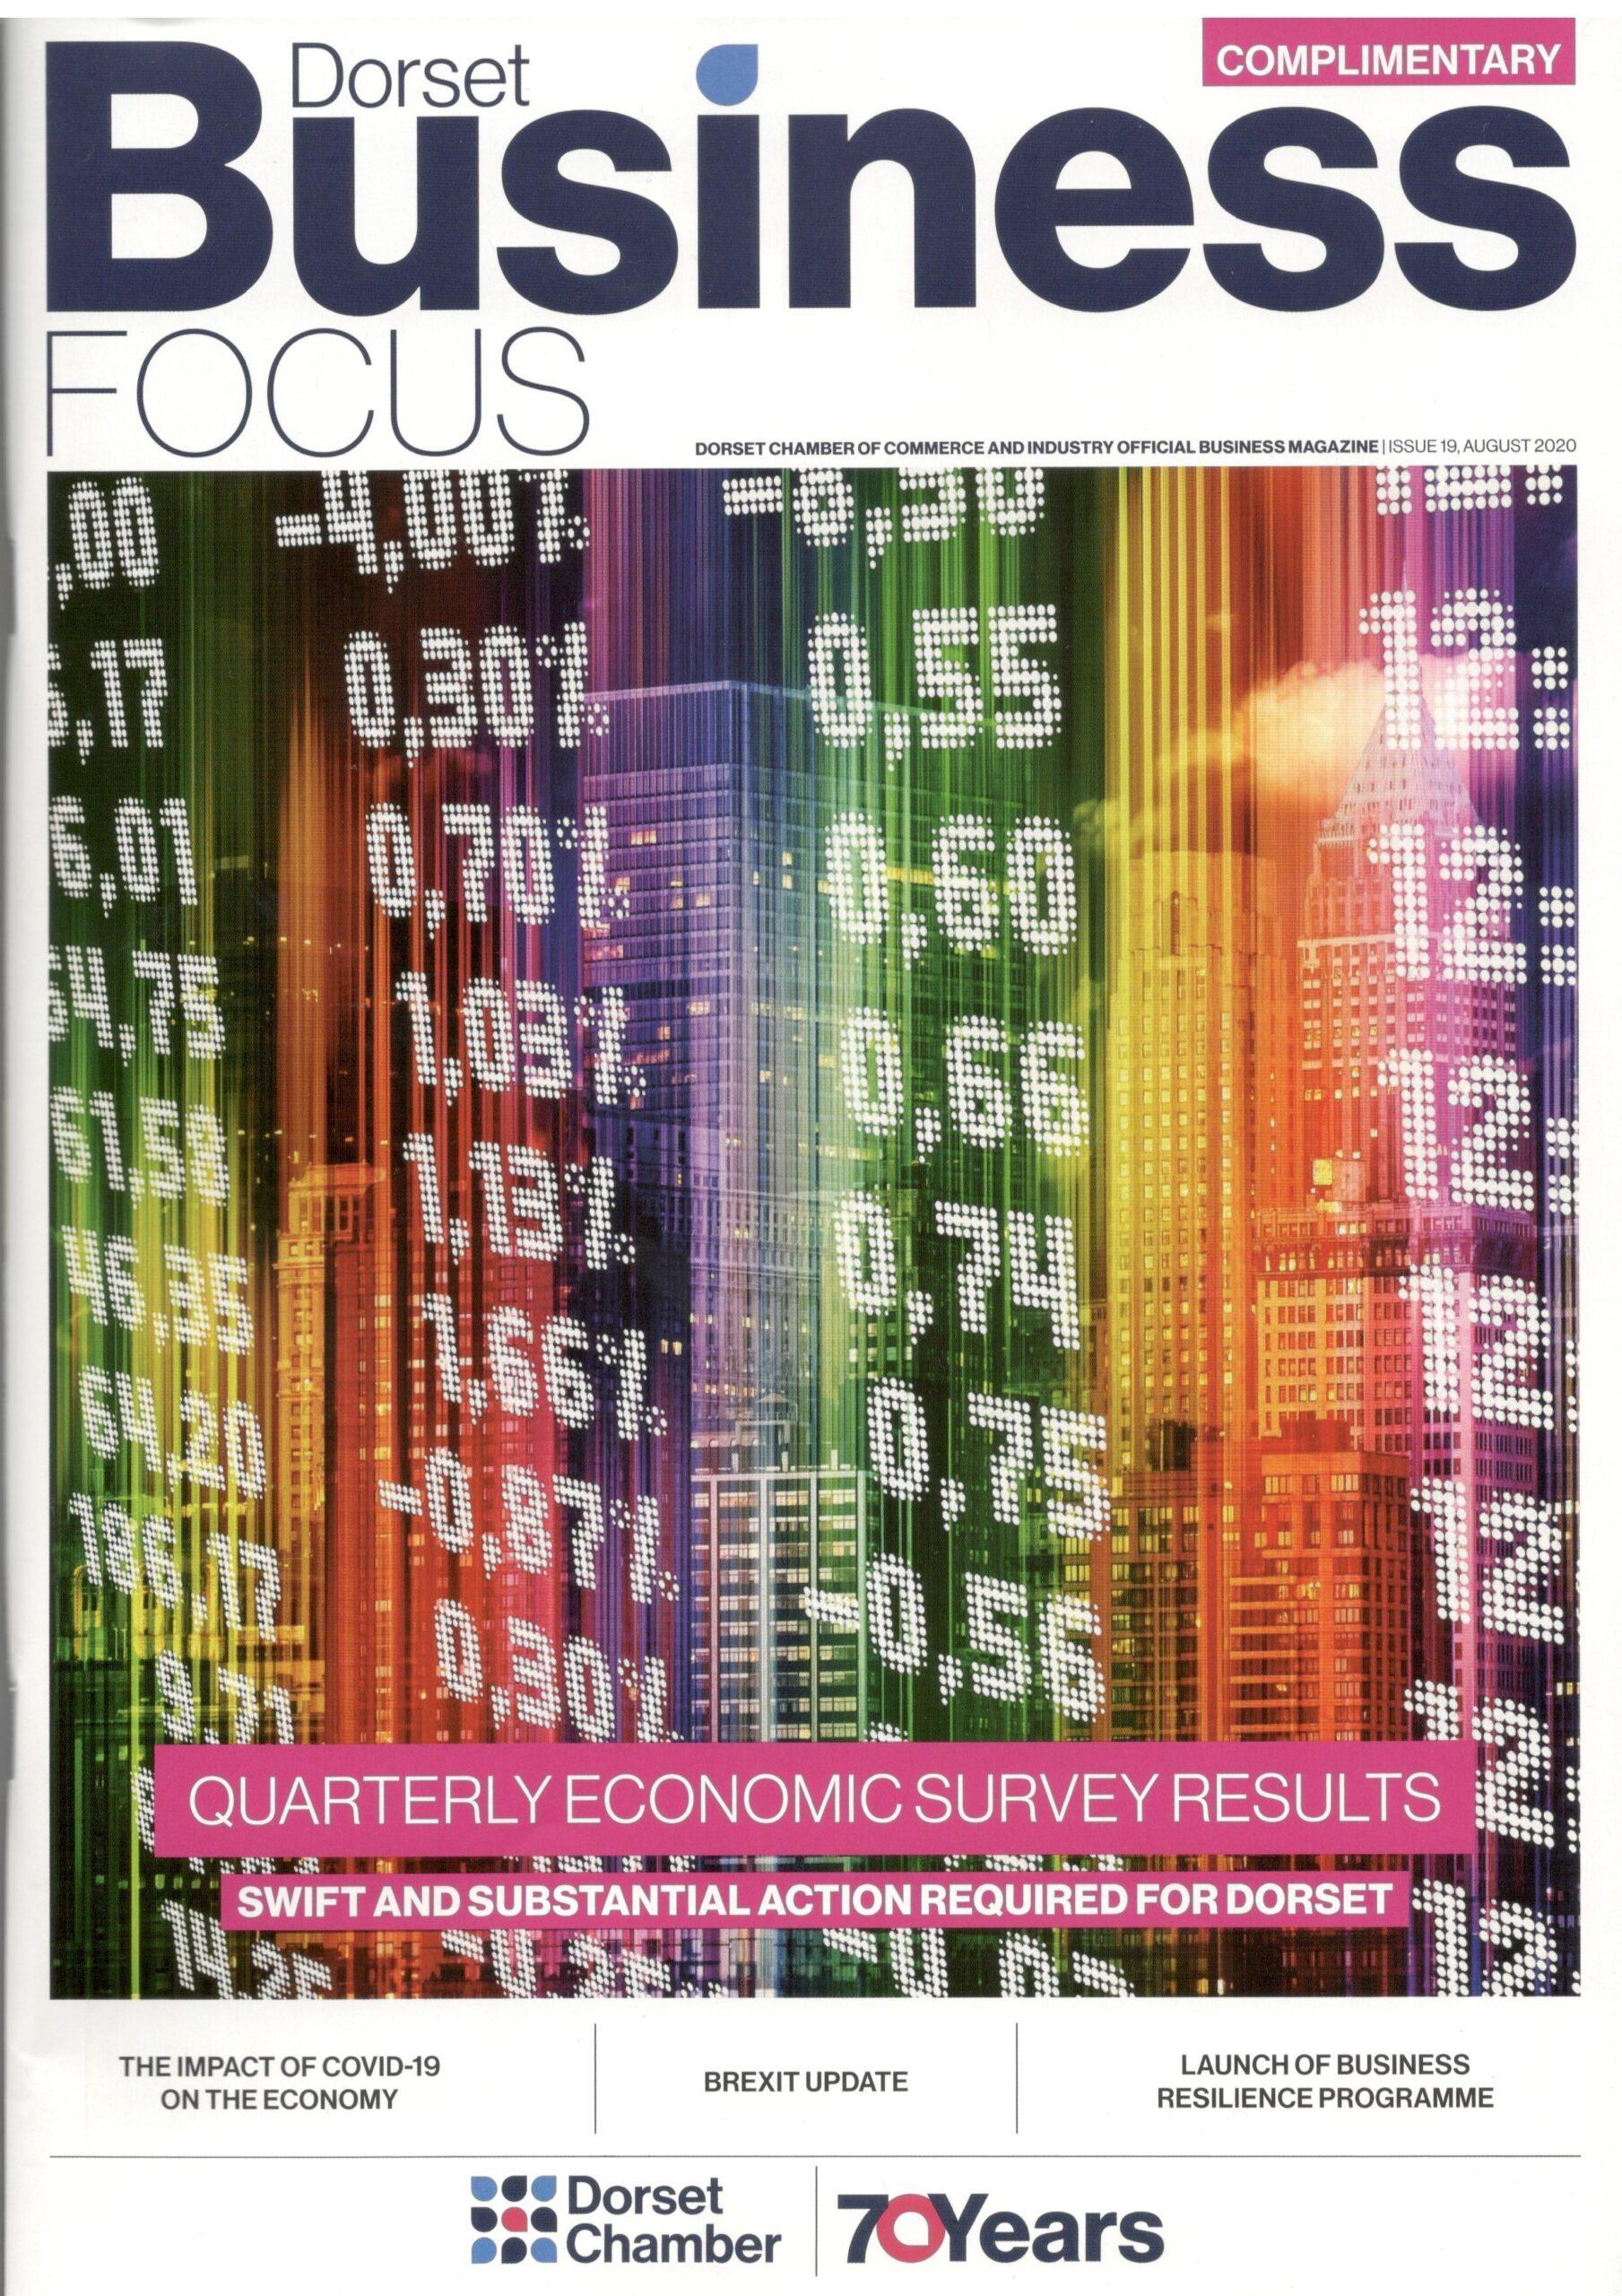 Dorset Business Focus